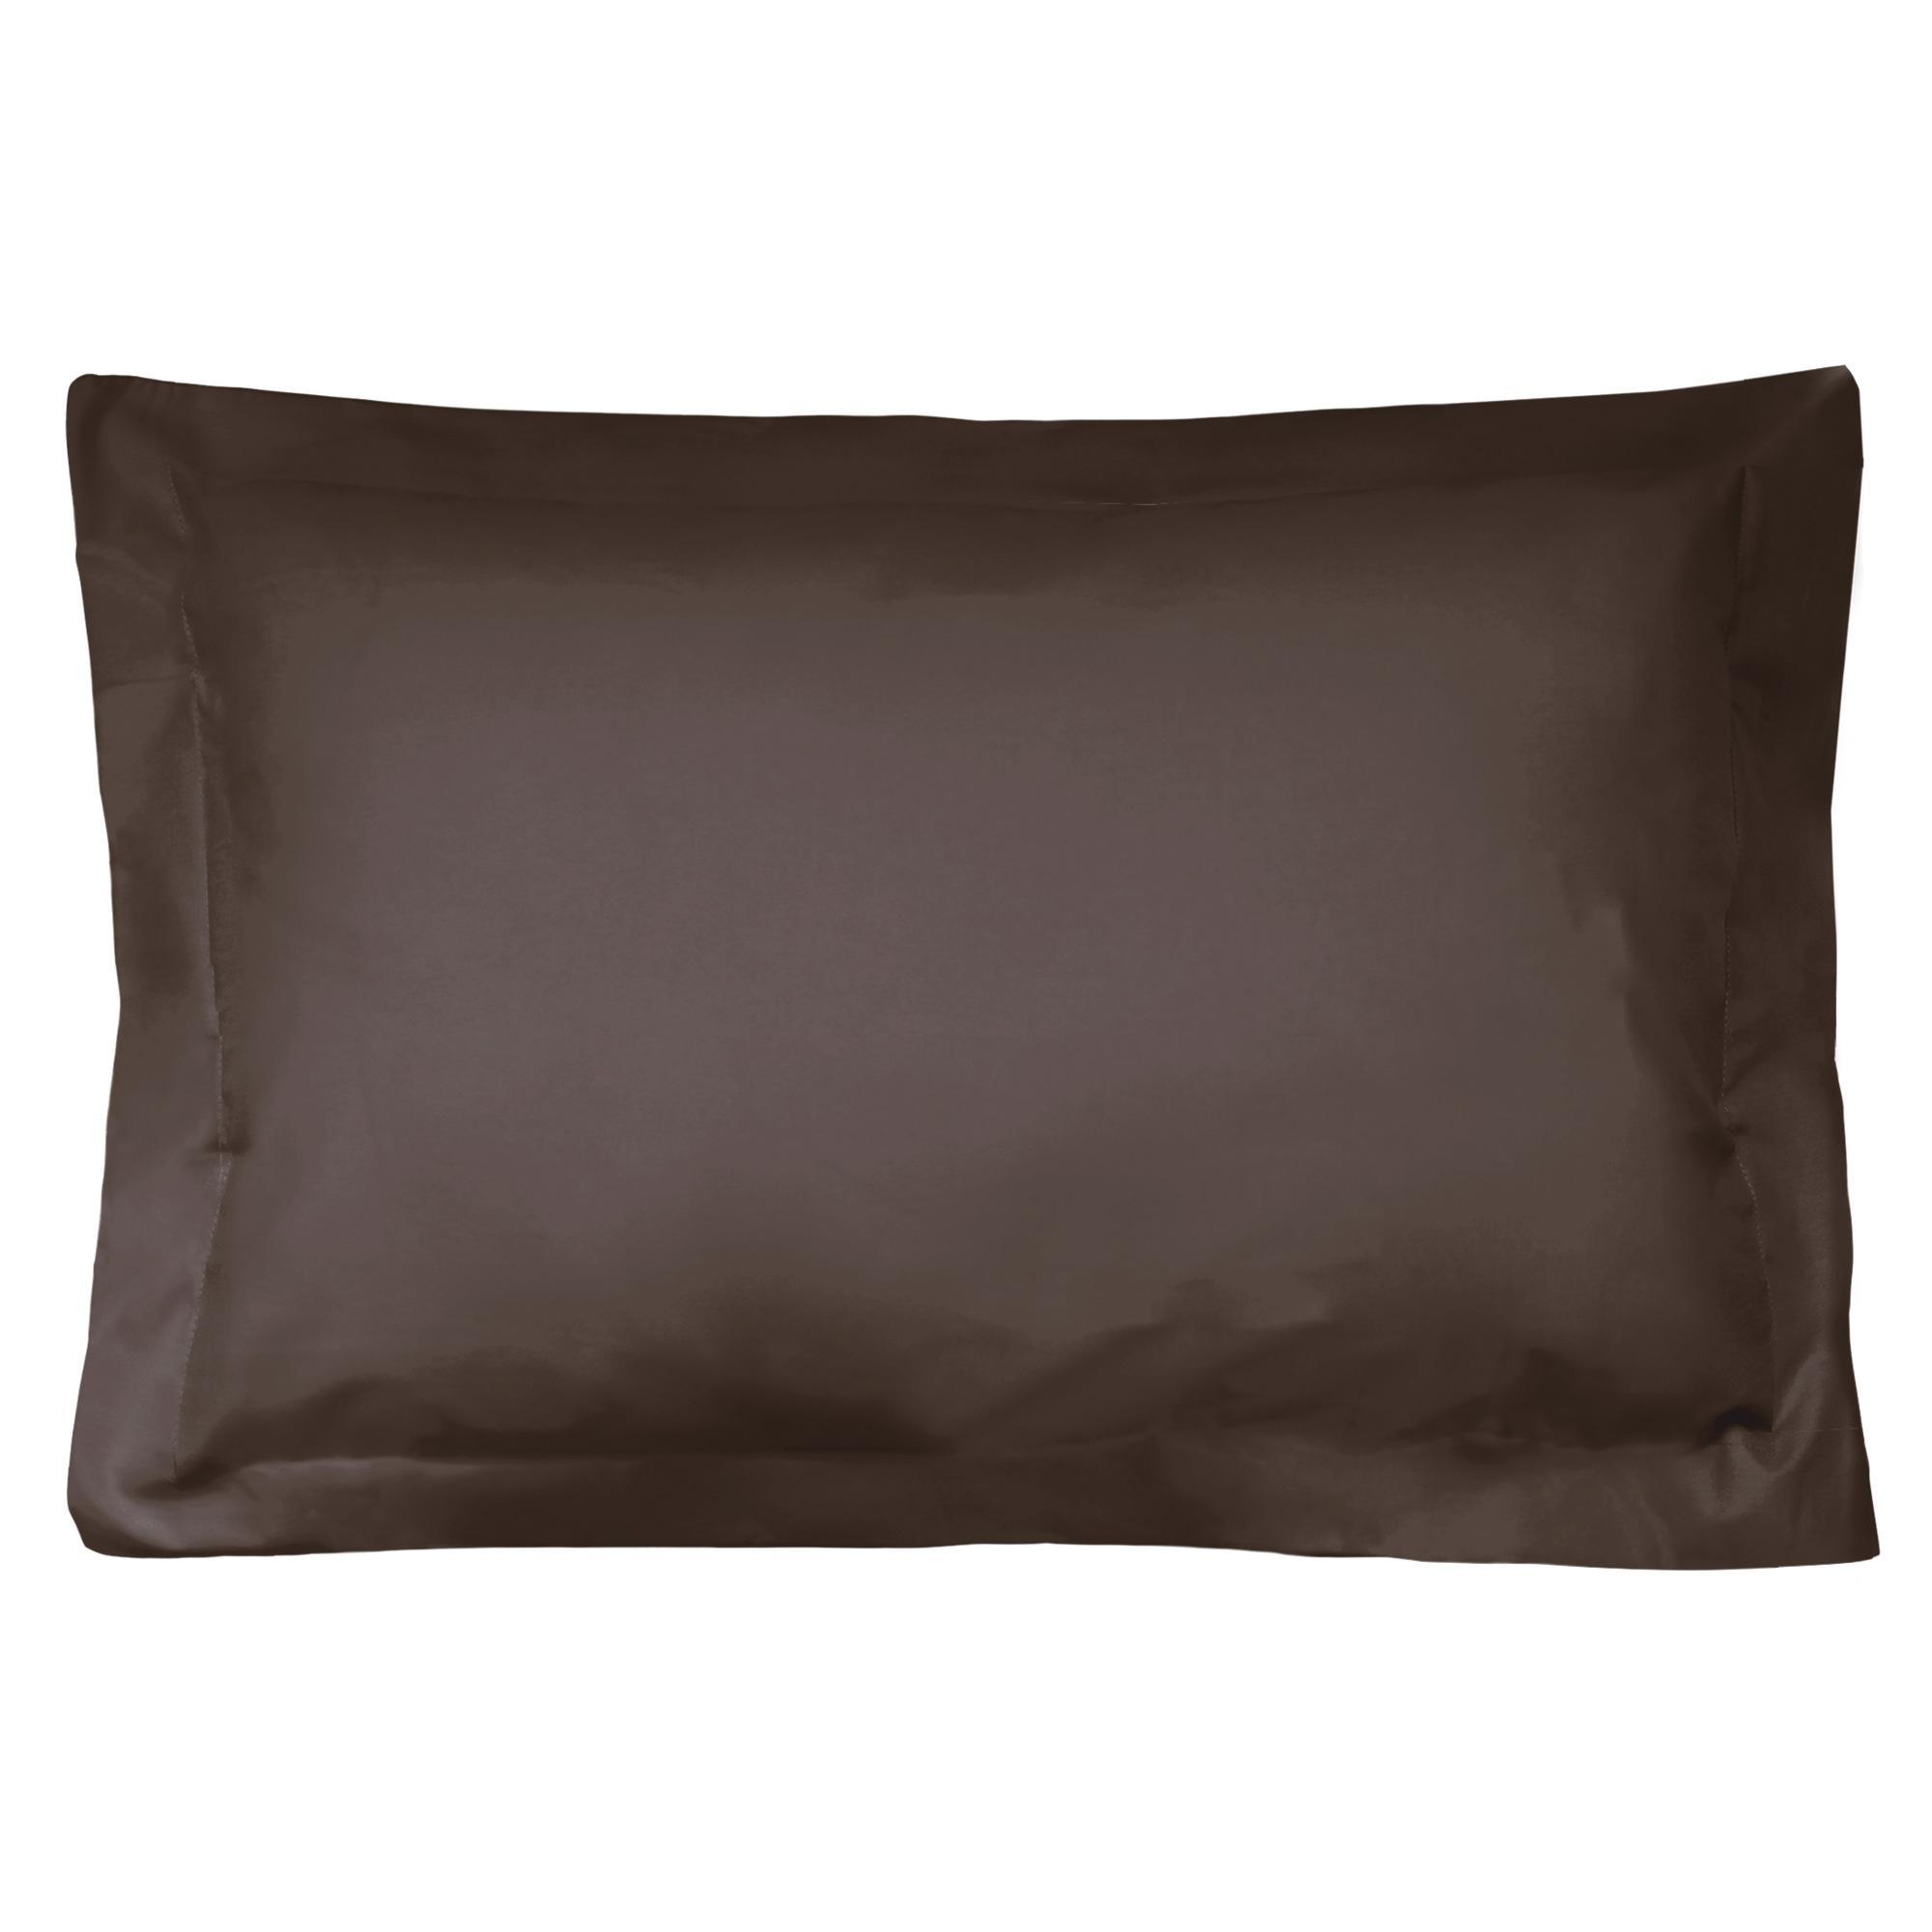 taie d 39 oreiller 80x50cm uni pur coton alto marron mangan se linnea linge de maison et. Black Bedroom Furniture Sets. Home Design Ideas